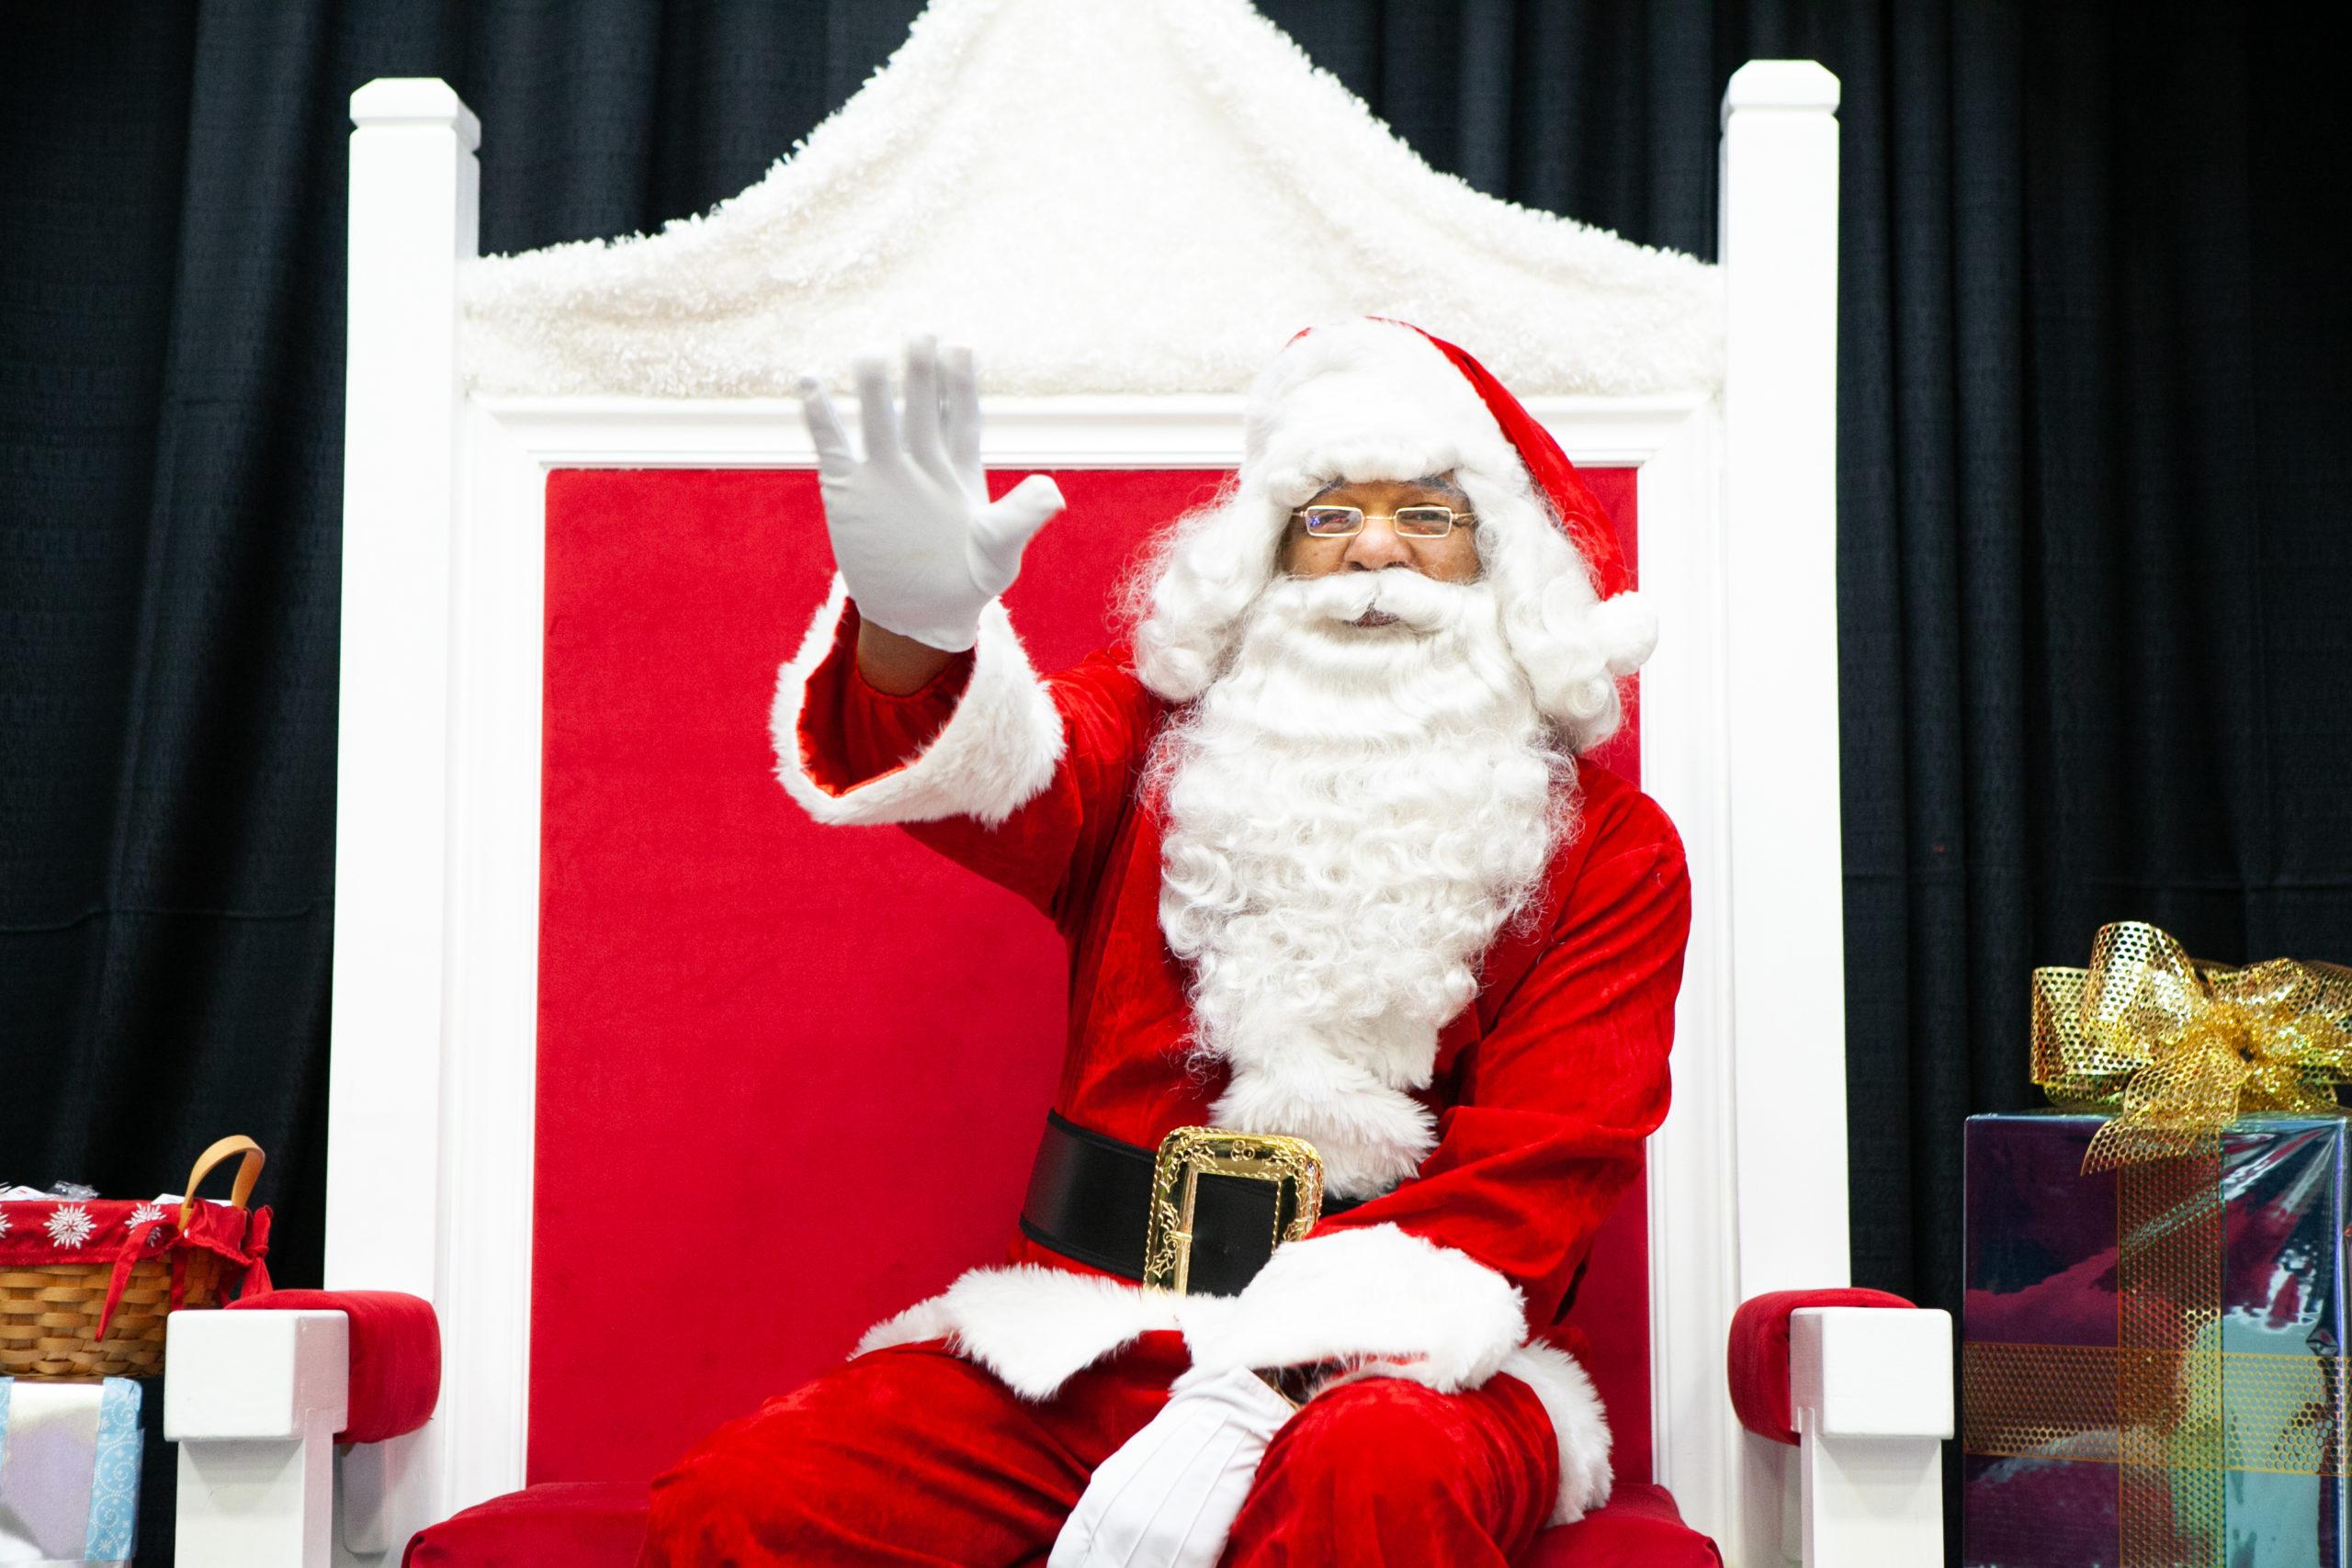 Santa waving from his chair at Black Santa event